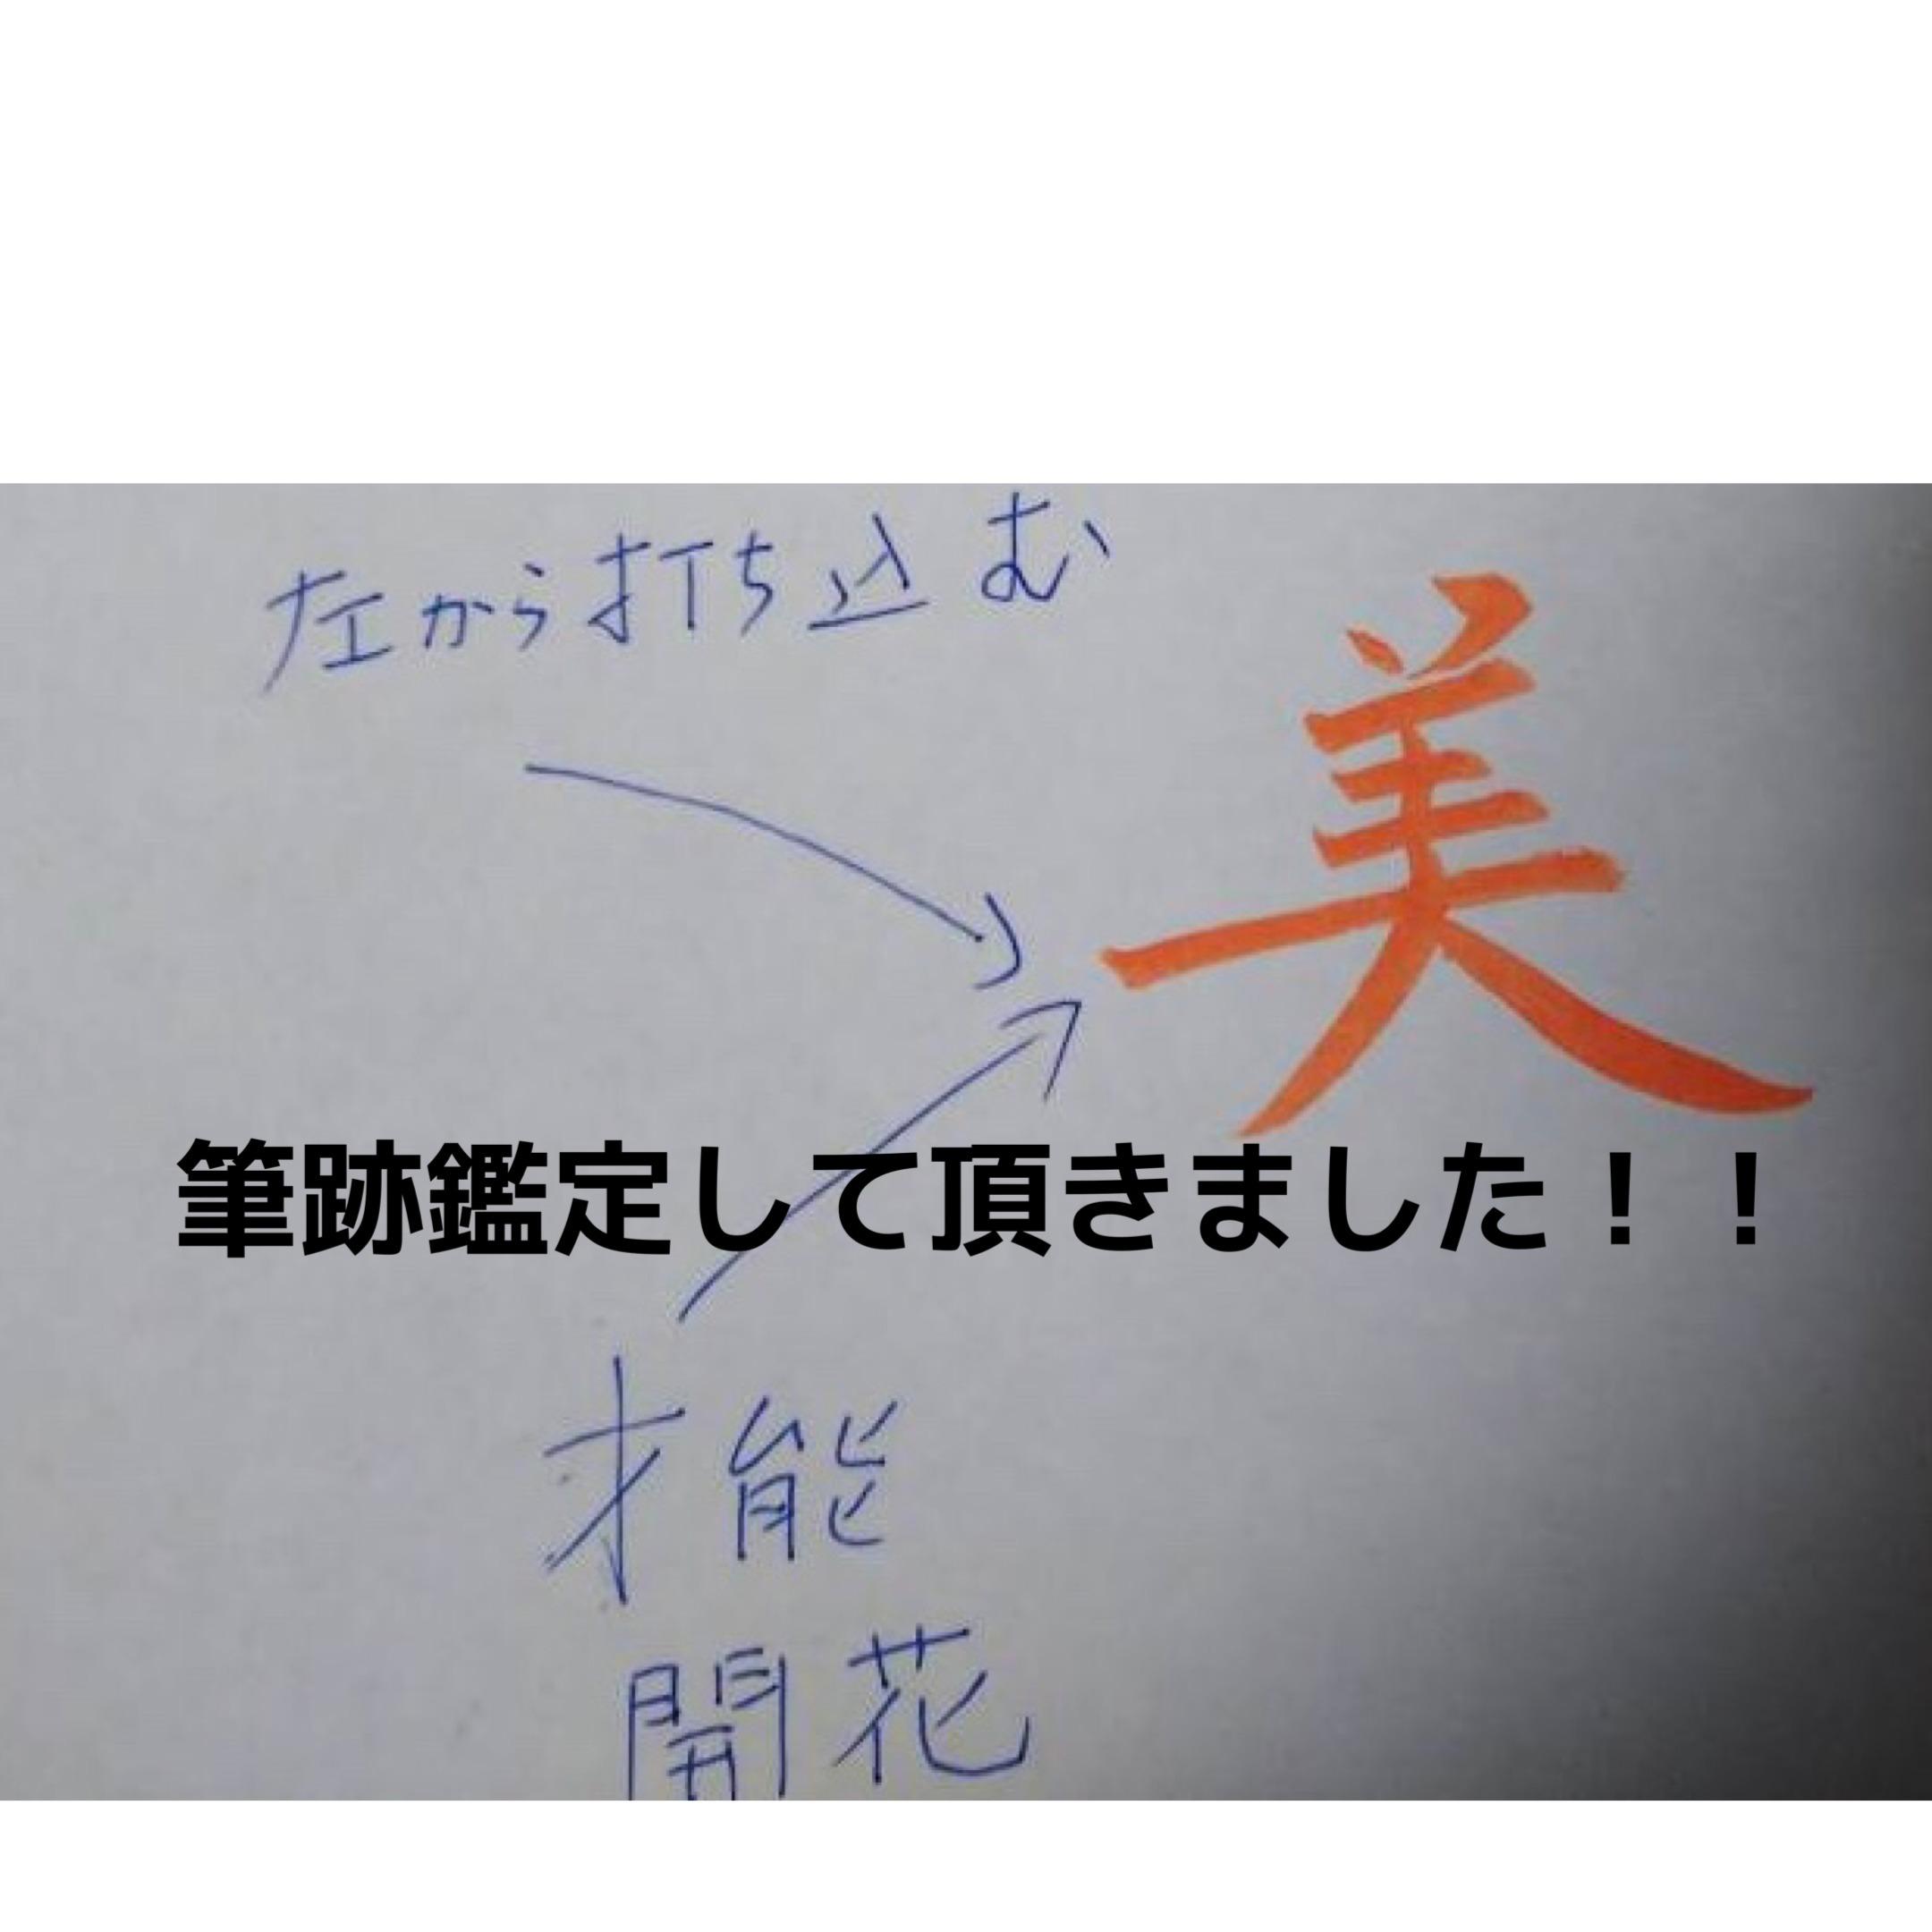 筆跡心理士 長谷川真弓美先生に筆跡鑑定をしていただきました!!